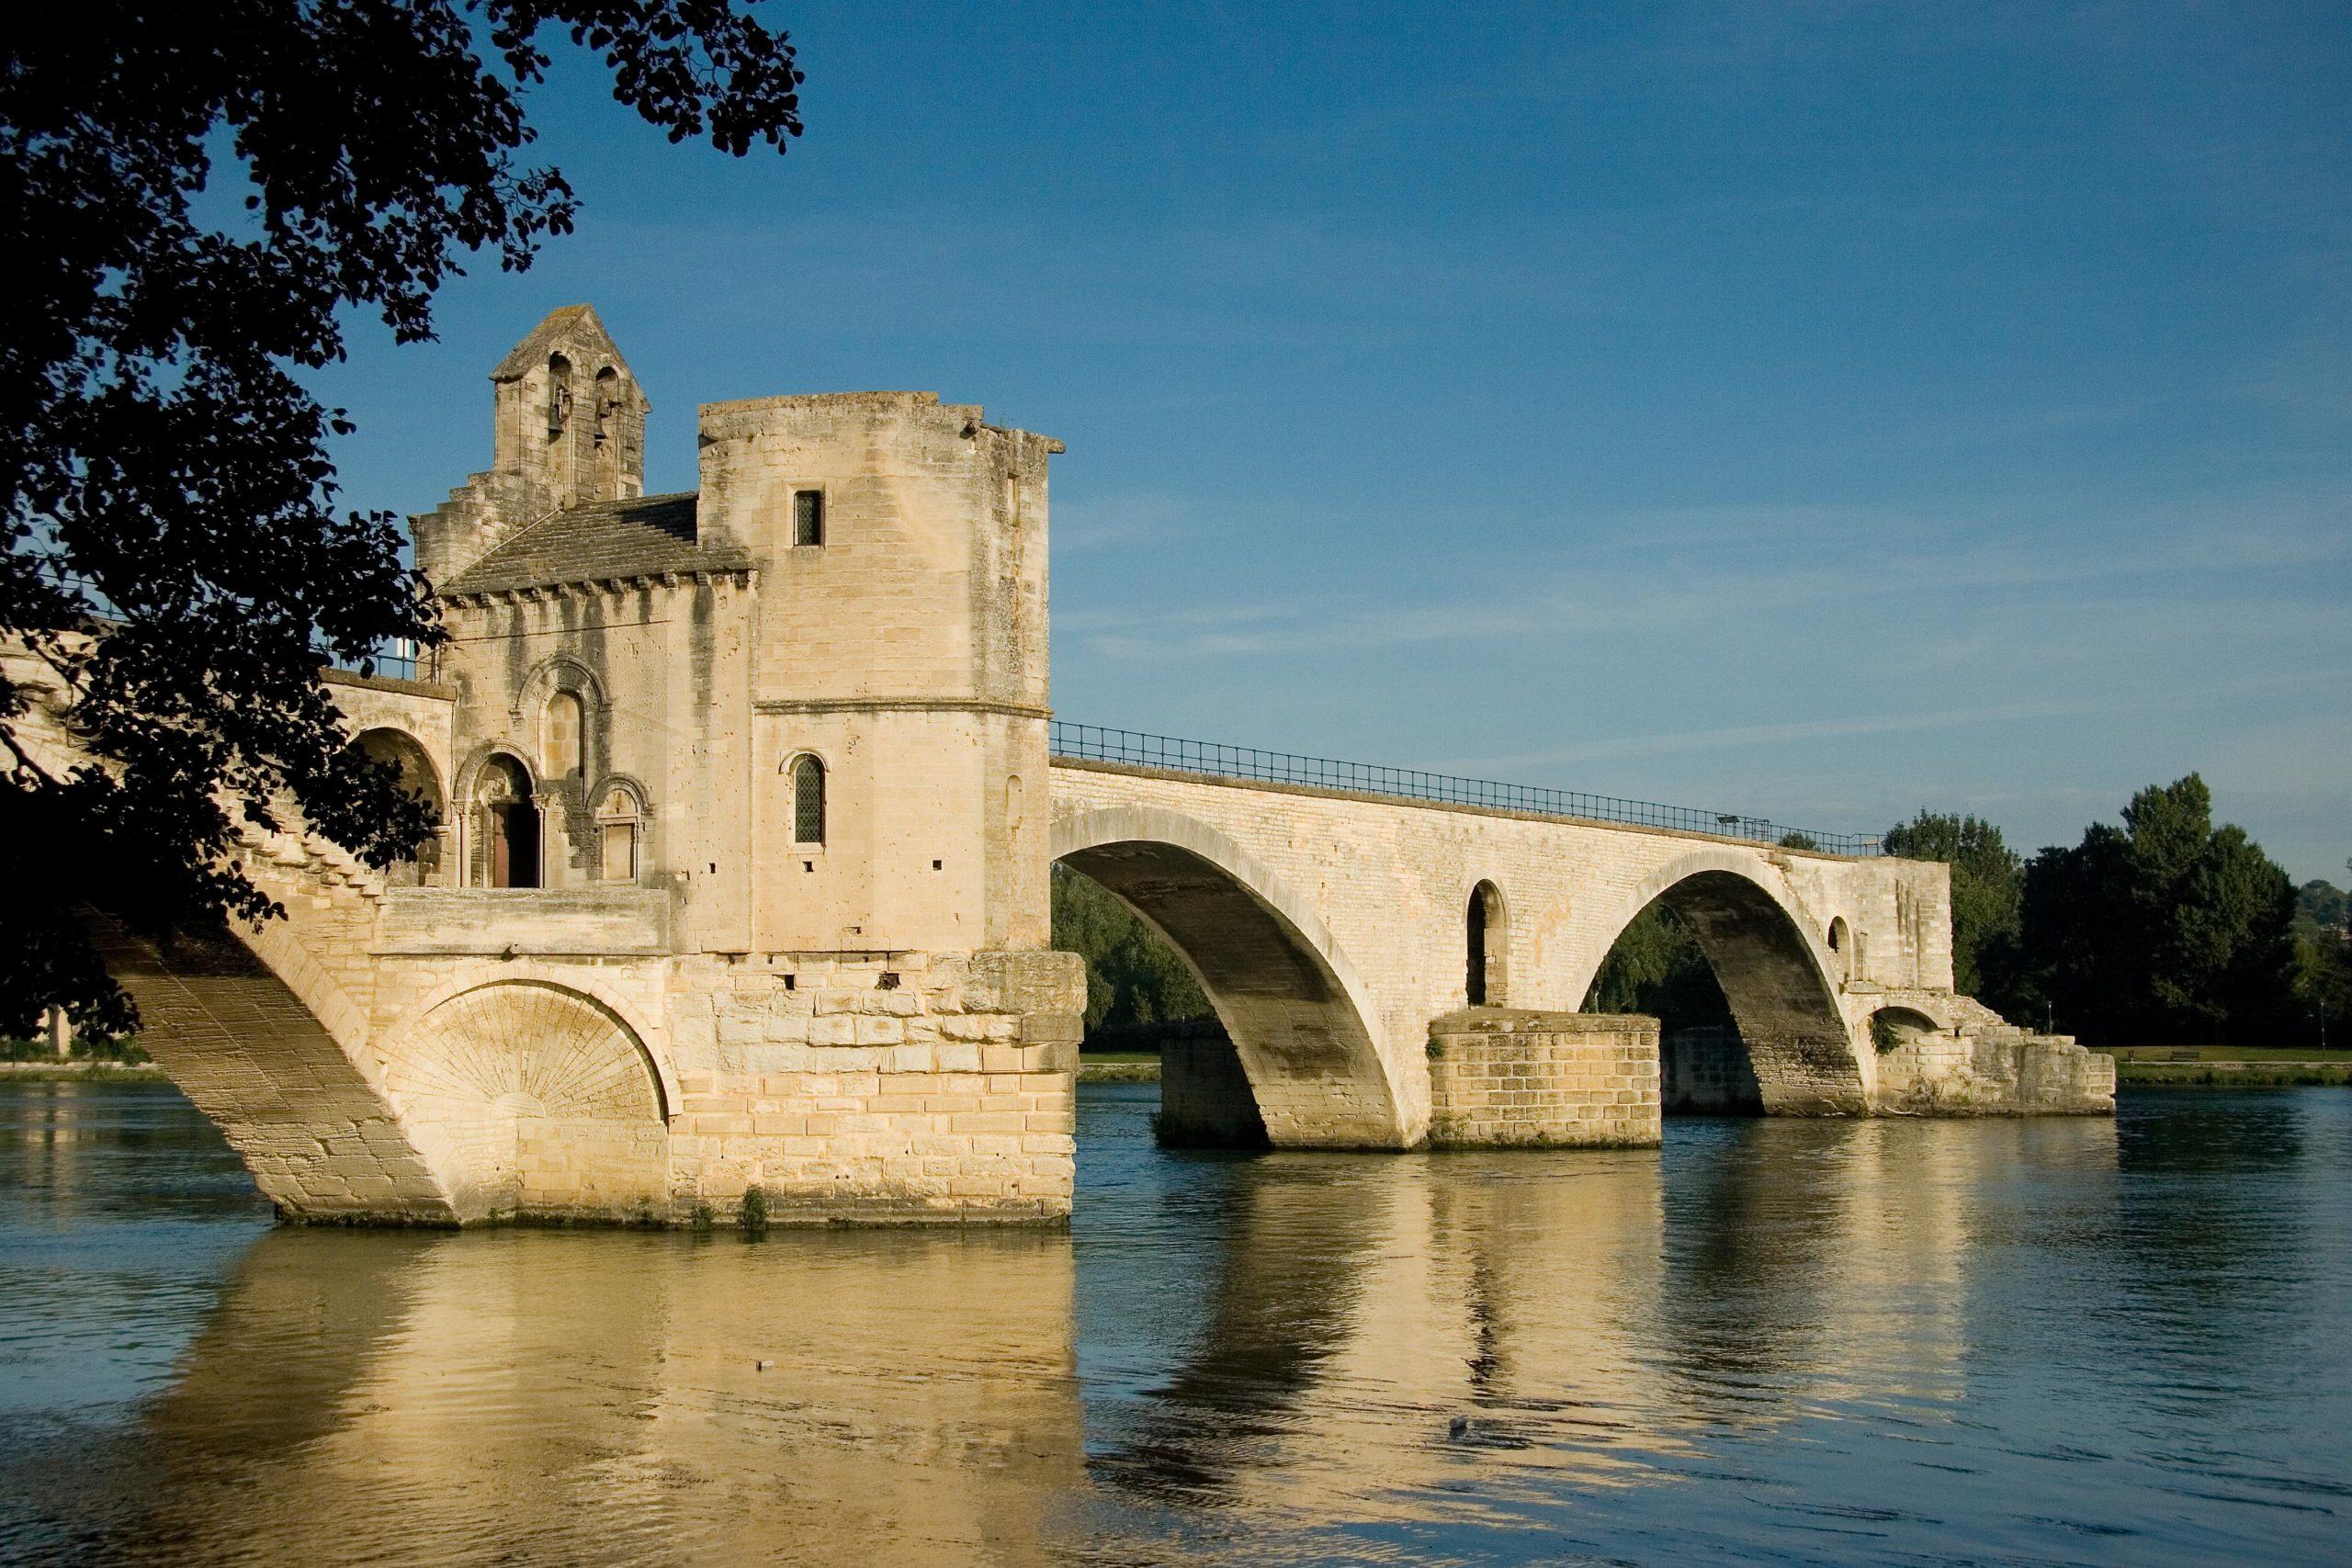 Le pont Saint-Bénezet (ou pont d'Avignon)